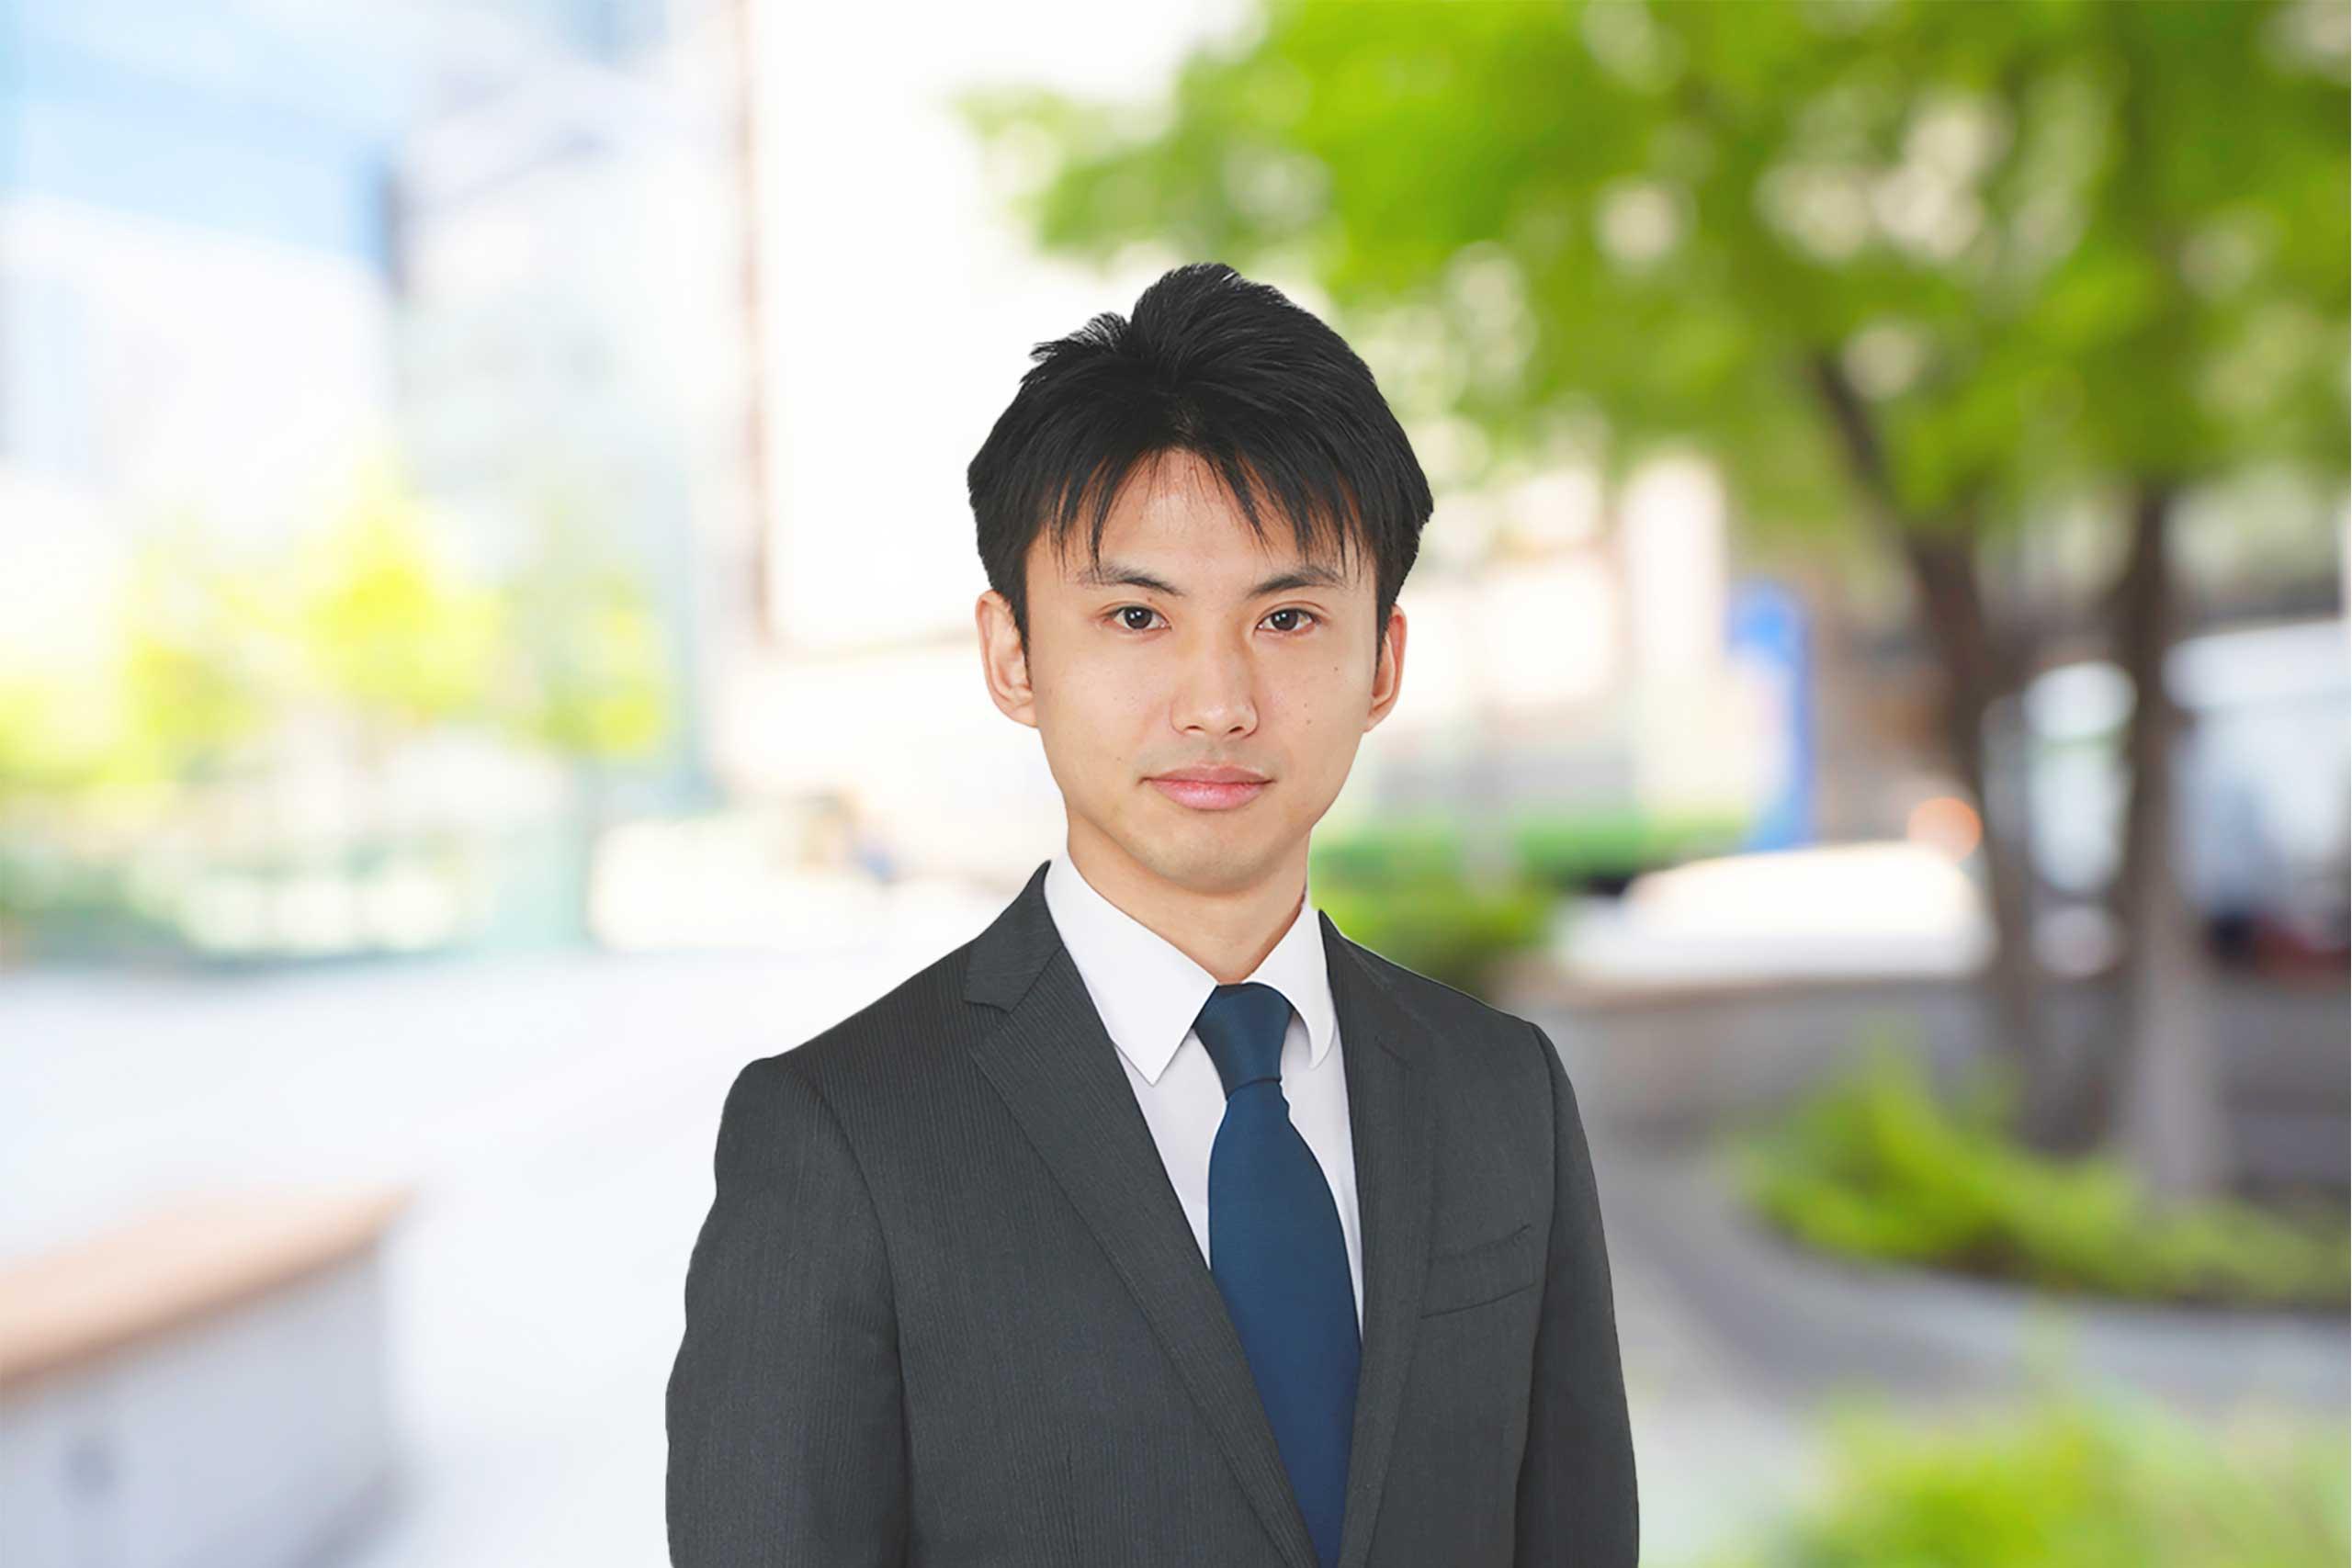 https://media.precena.co.jp/academy/wp-content/uploads/2021/09/28005447/%E7%99%BD%E9%B3%A5.jpg